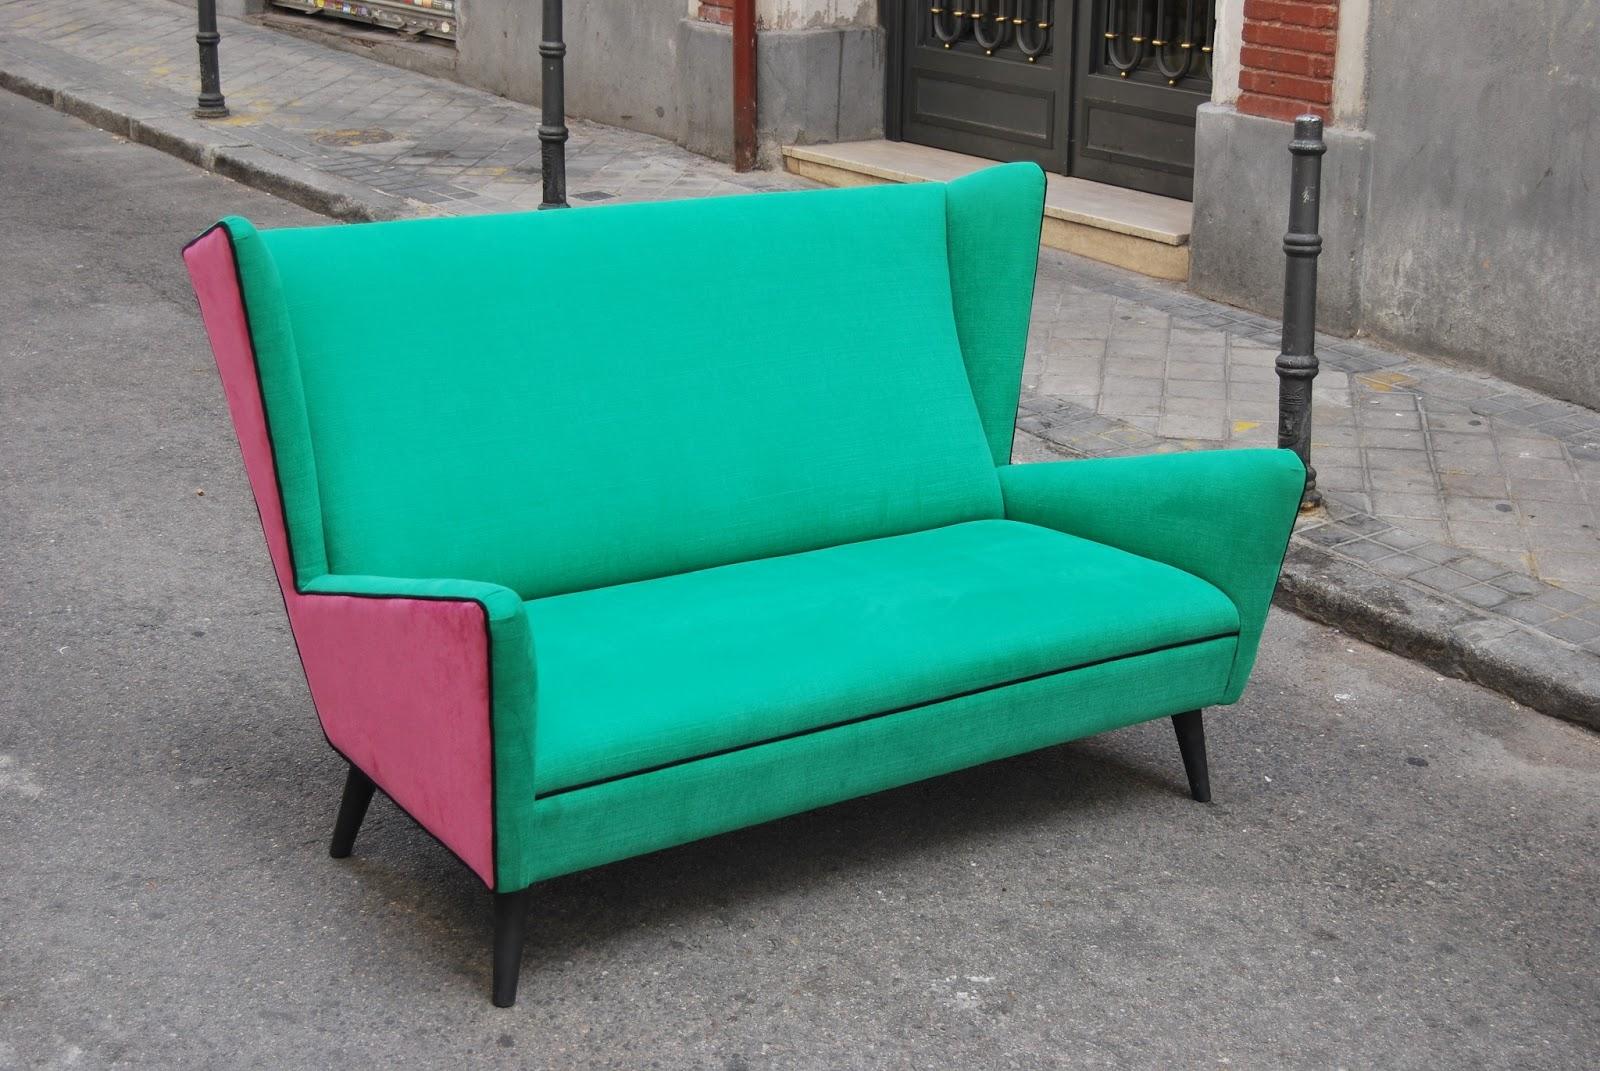 las esquinas de este sofa nos retrotraen a los aos y a sus afiladas esquinas nos recuerdan a los coches americanos de esa poca de ah el nombre con el